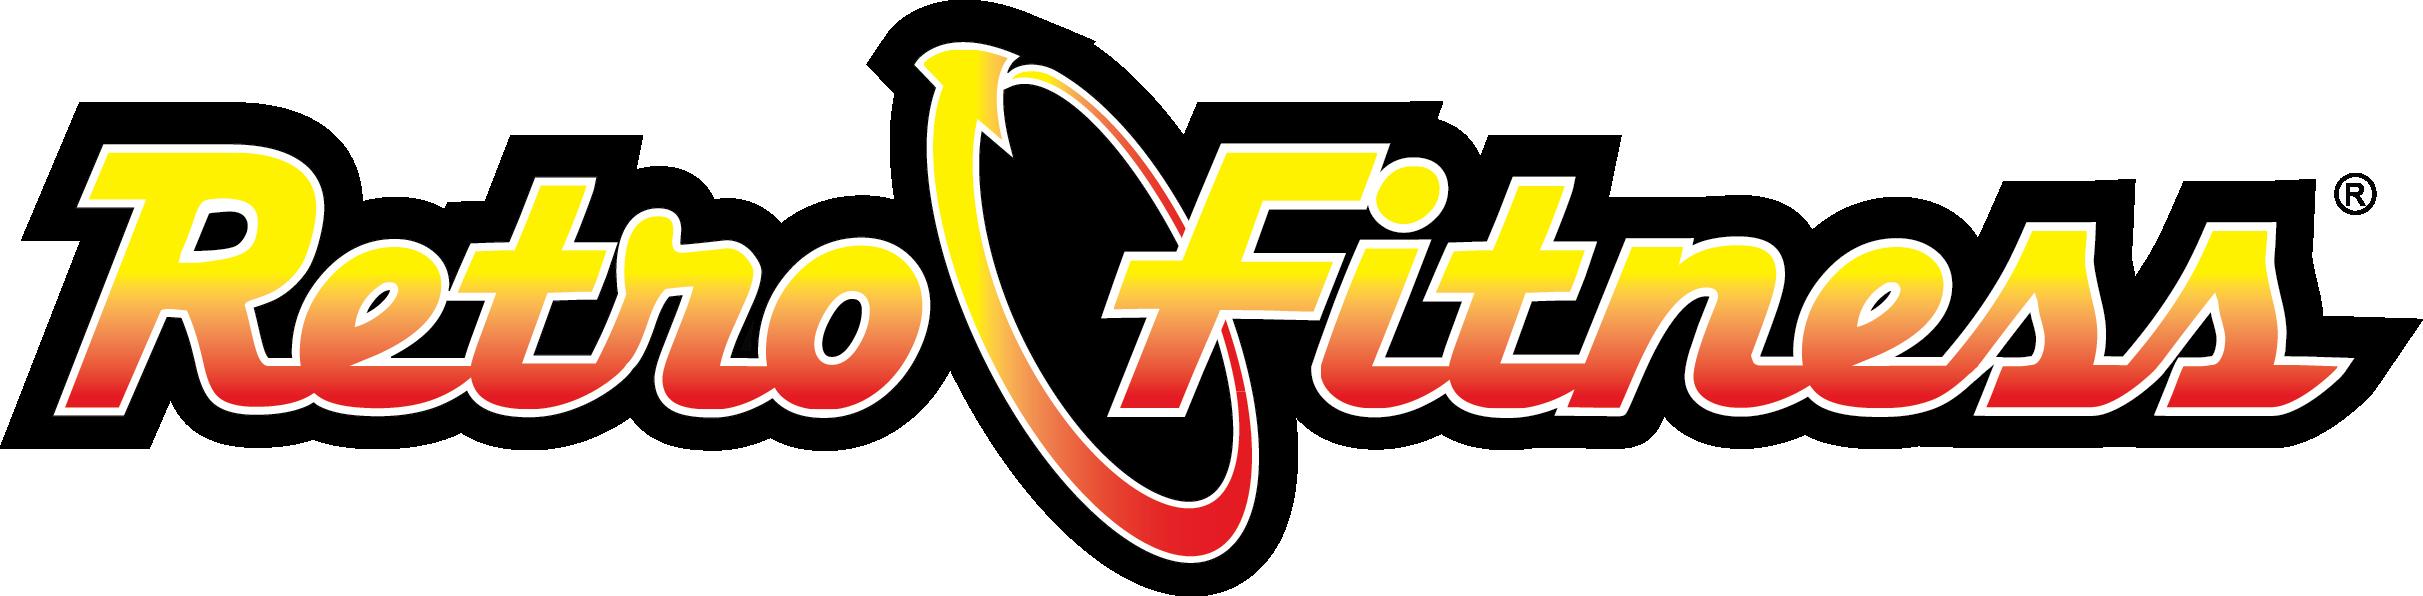 Retro Fitness Logo - No Tag